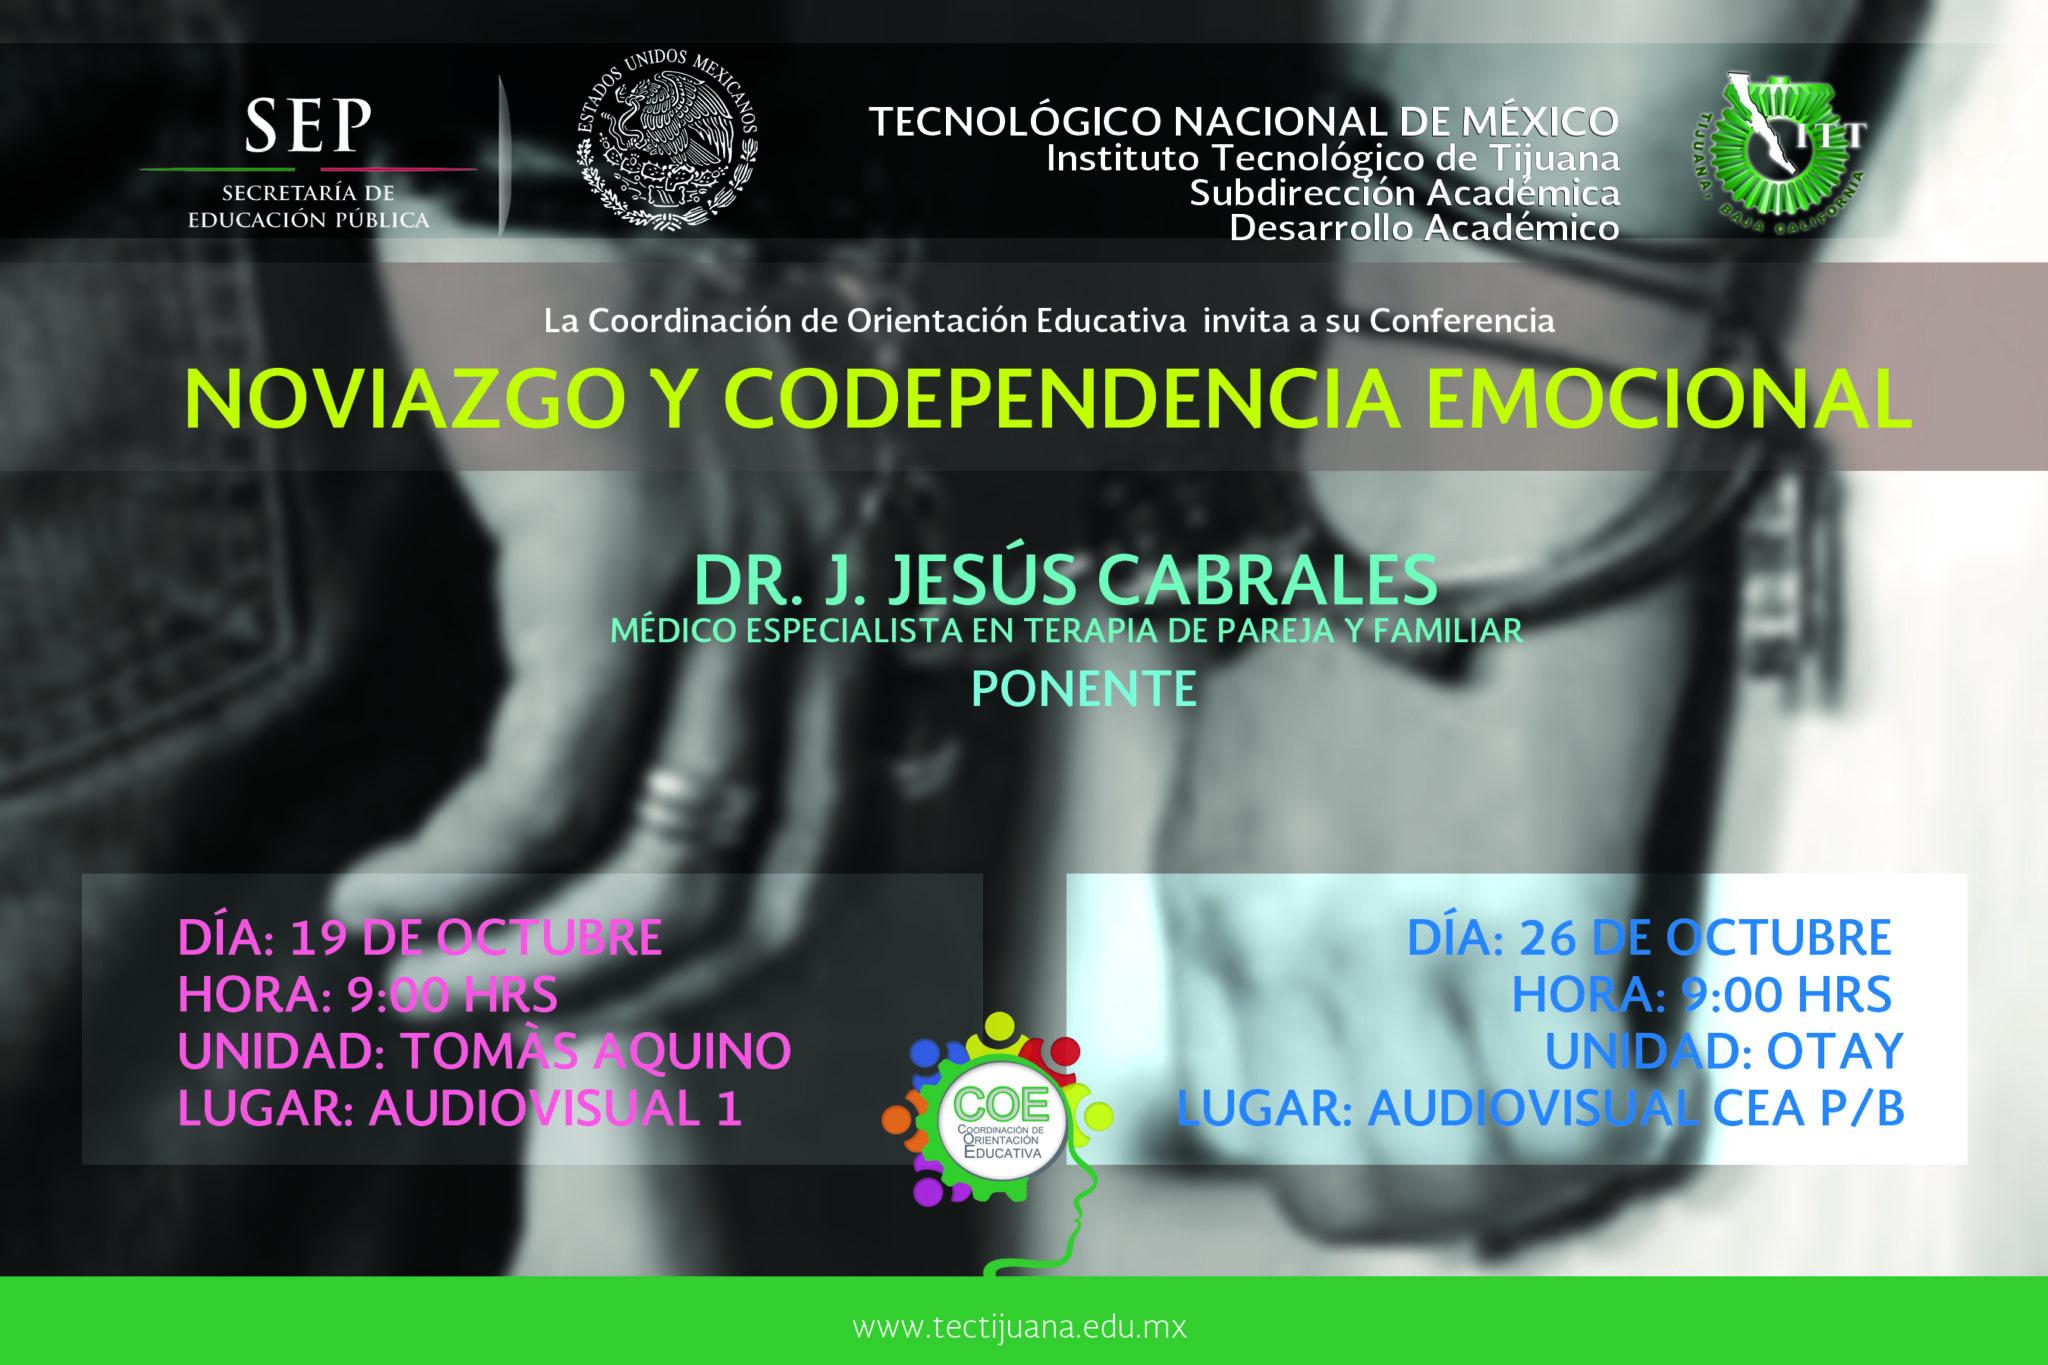 noviazgo-y-codependencia-emocional-poster-horizontal-2016